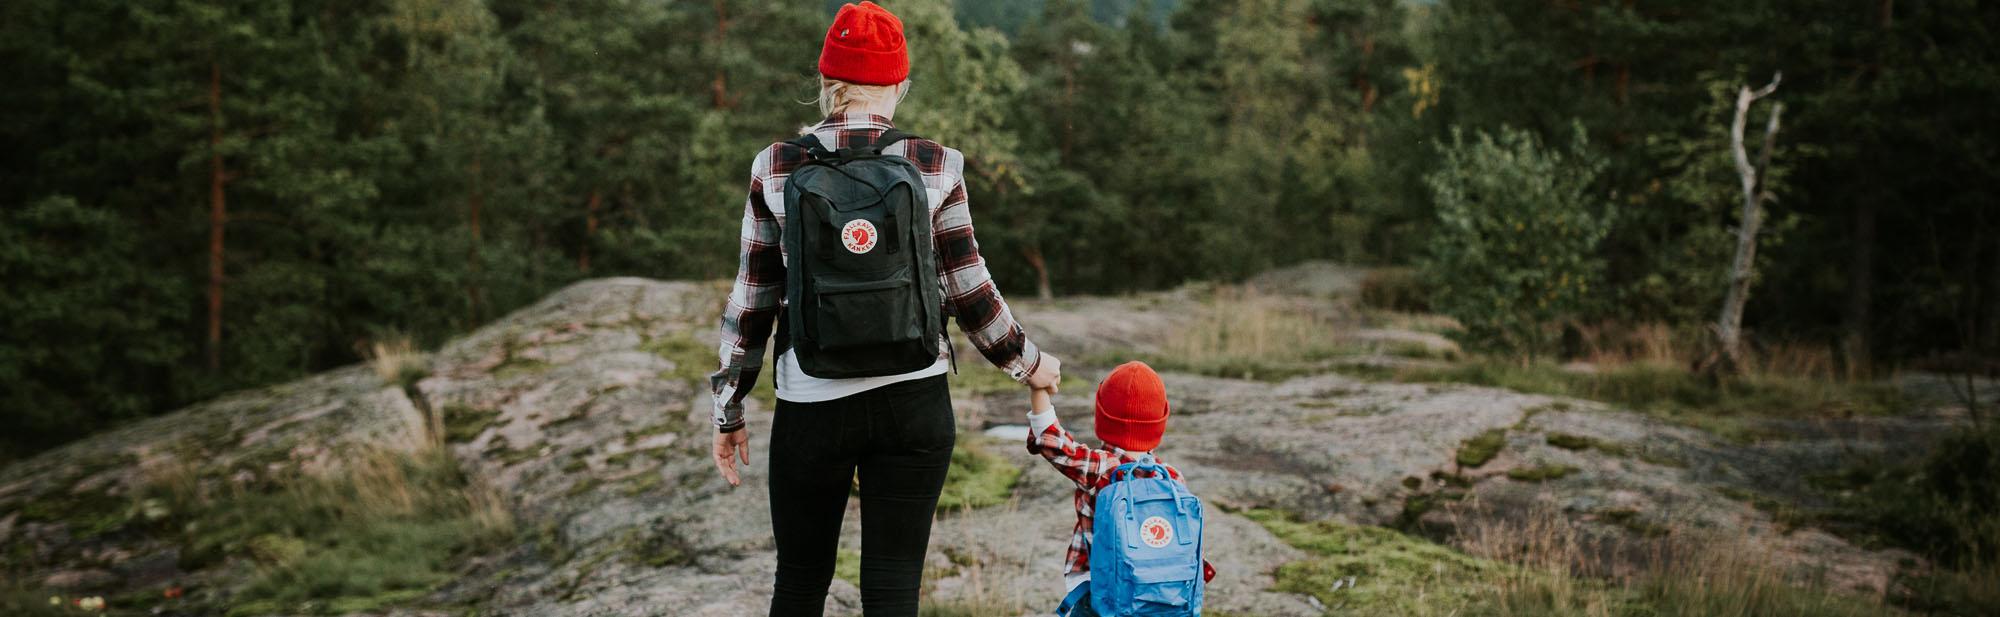 Äiti ja lapsi kävelevät käsi kädessä metsässä kalliolla.